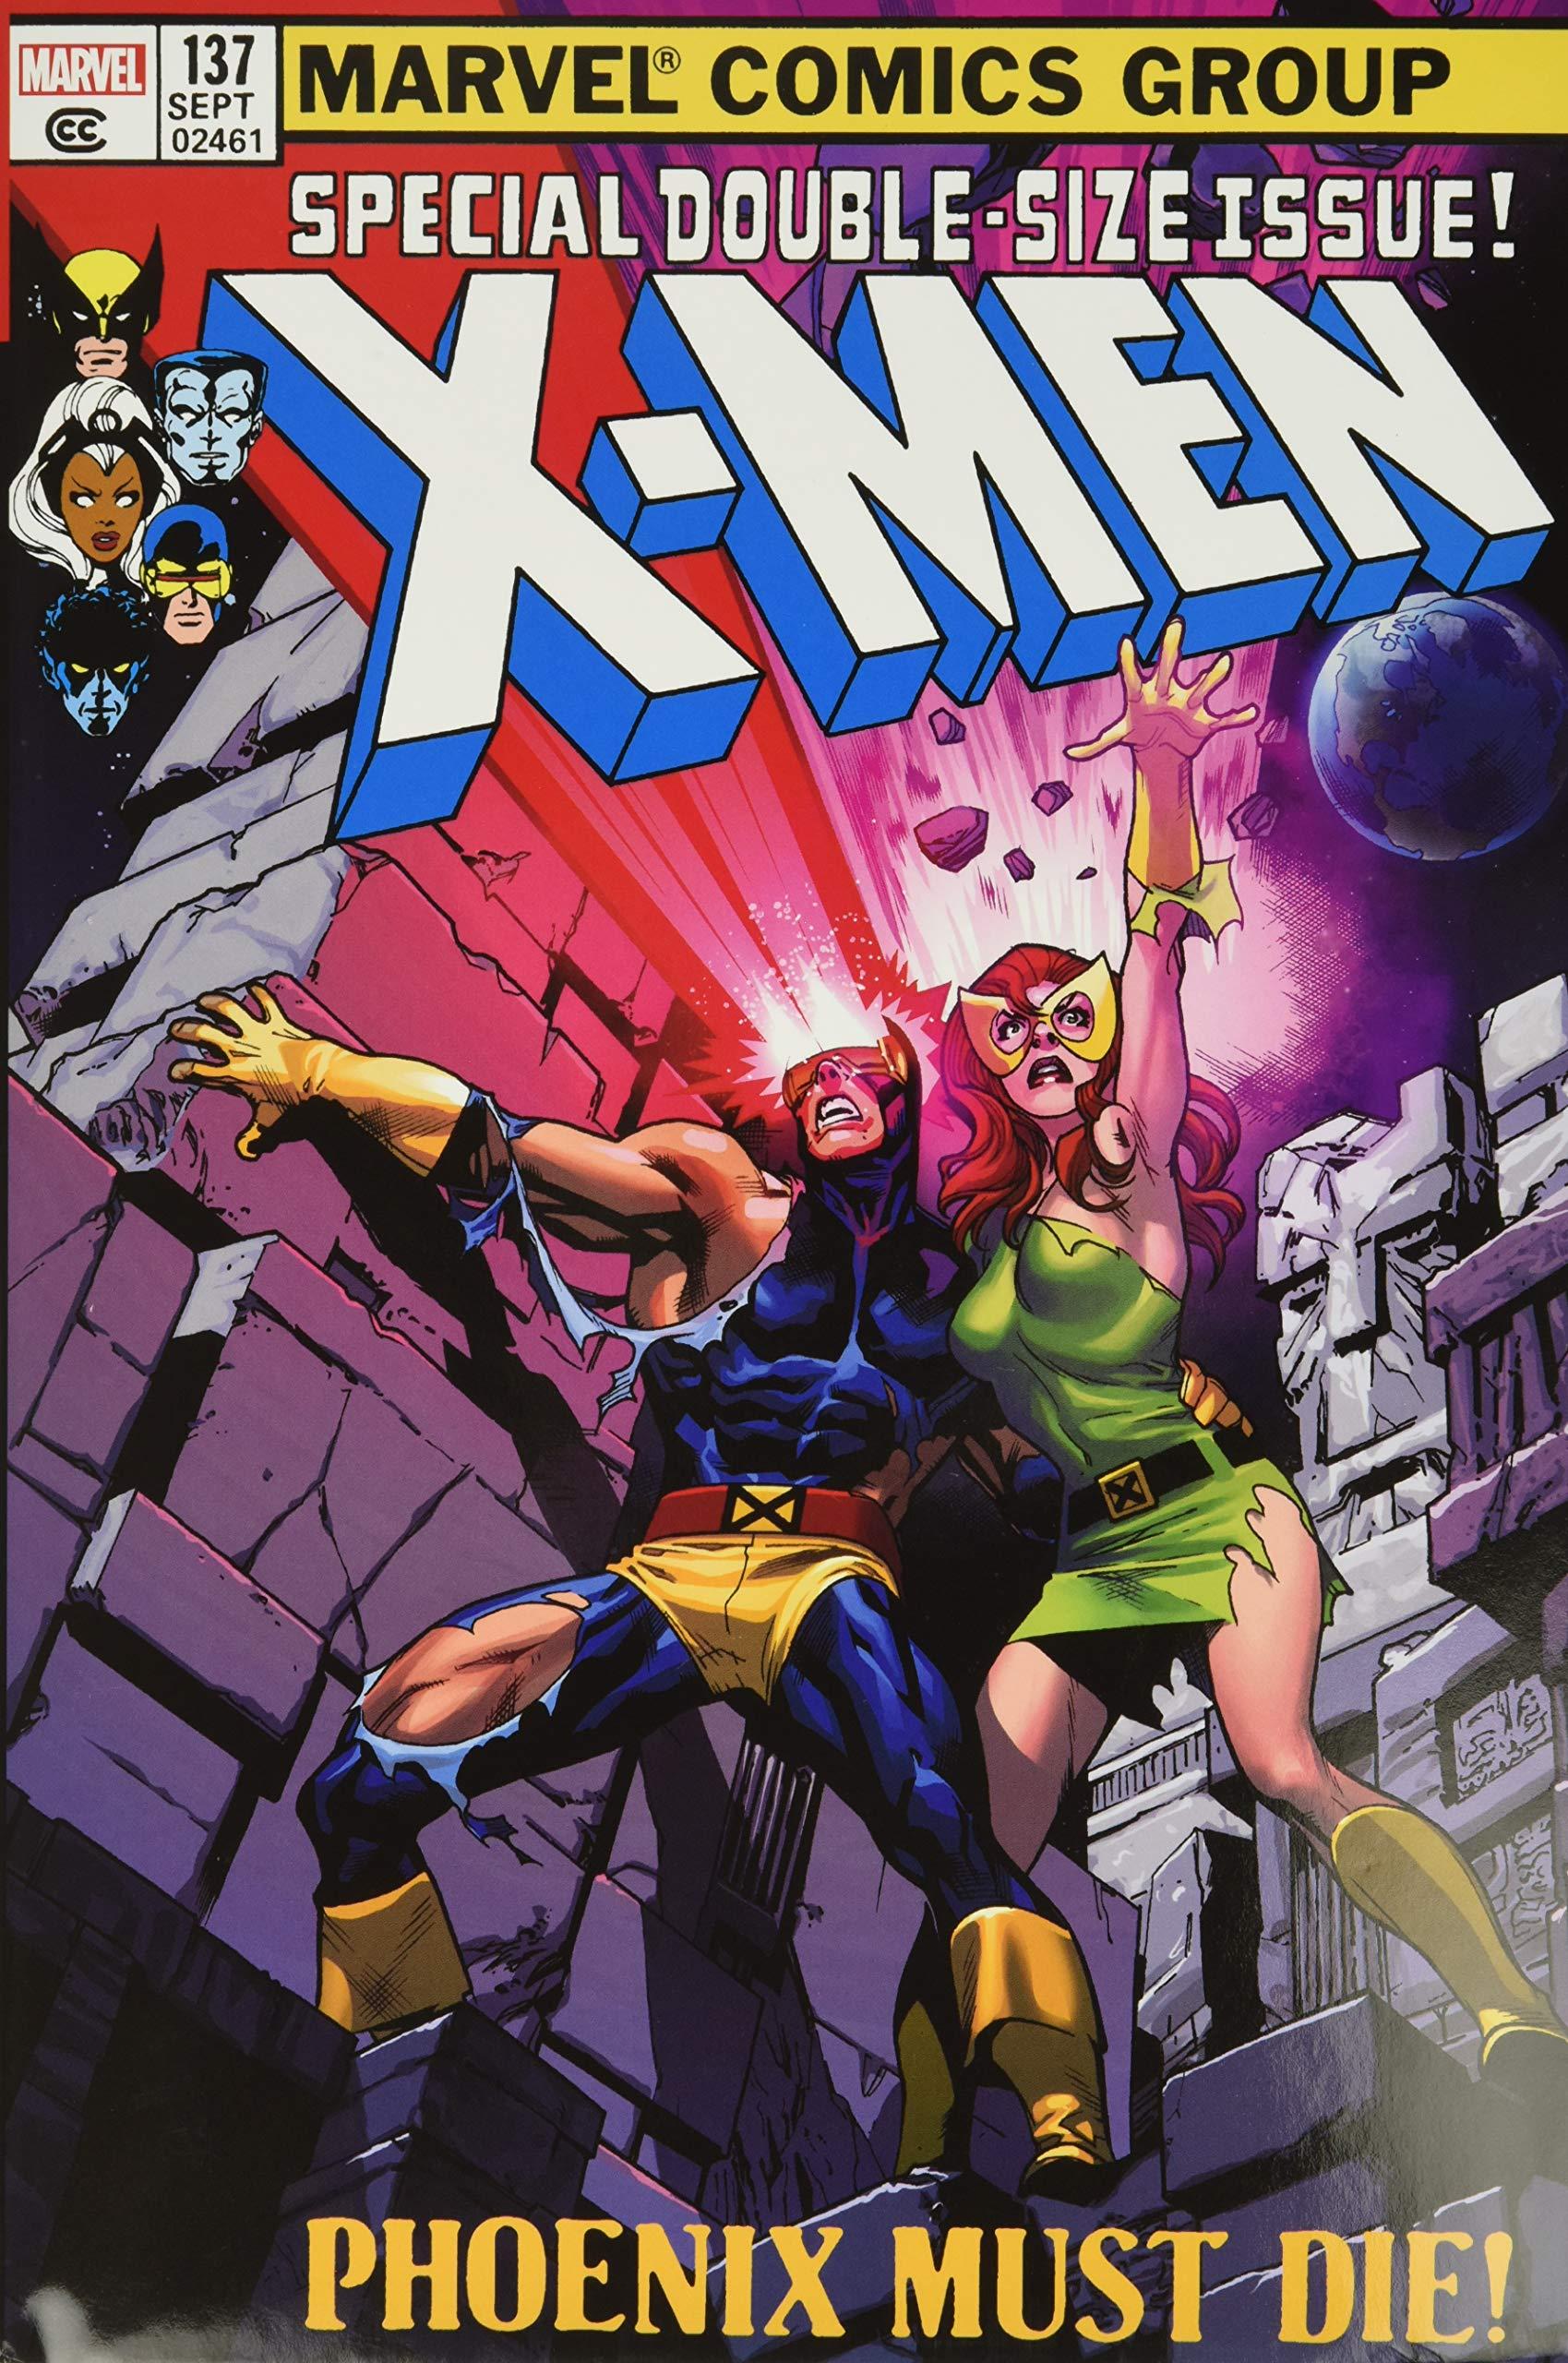 Uncanny X-Men 2 - The Uncanny X-Men Omnibus Vol. 2